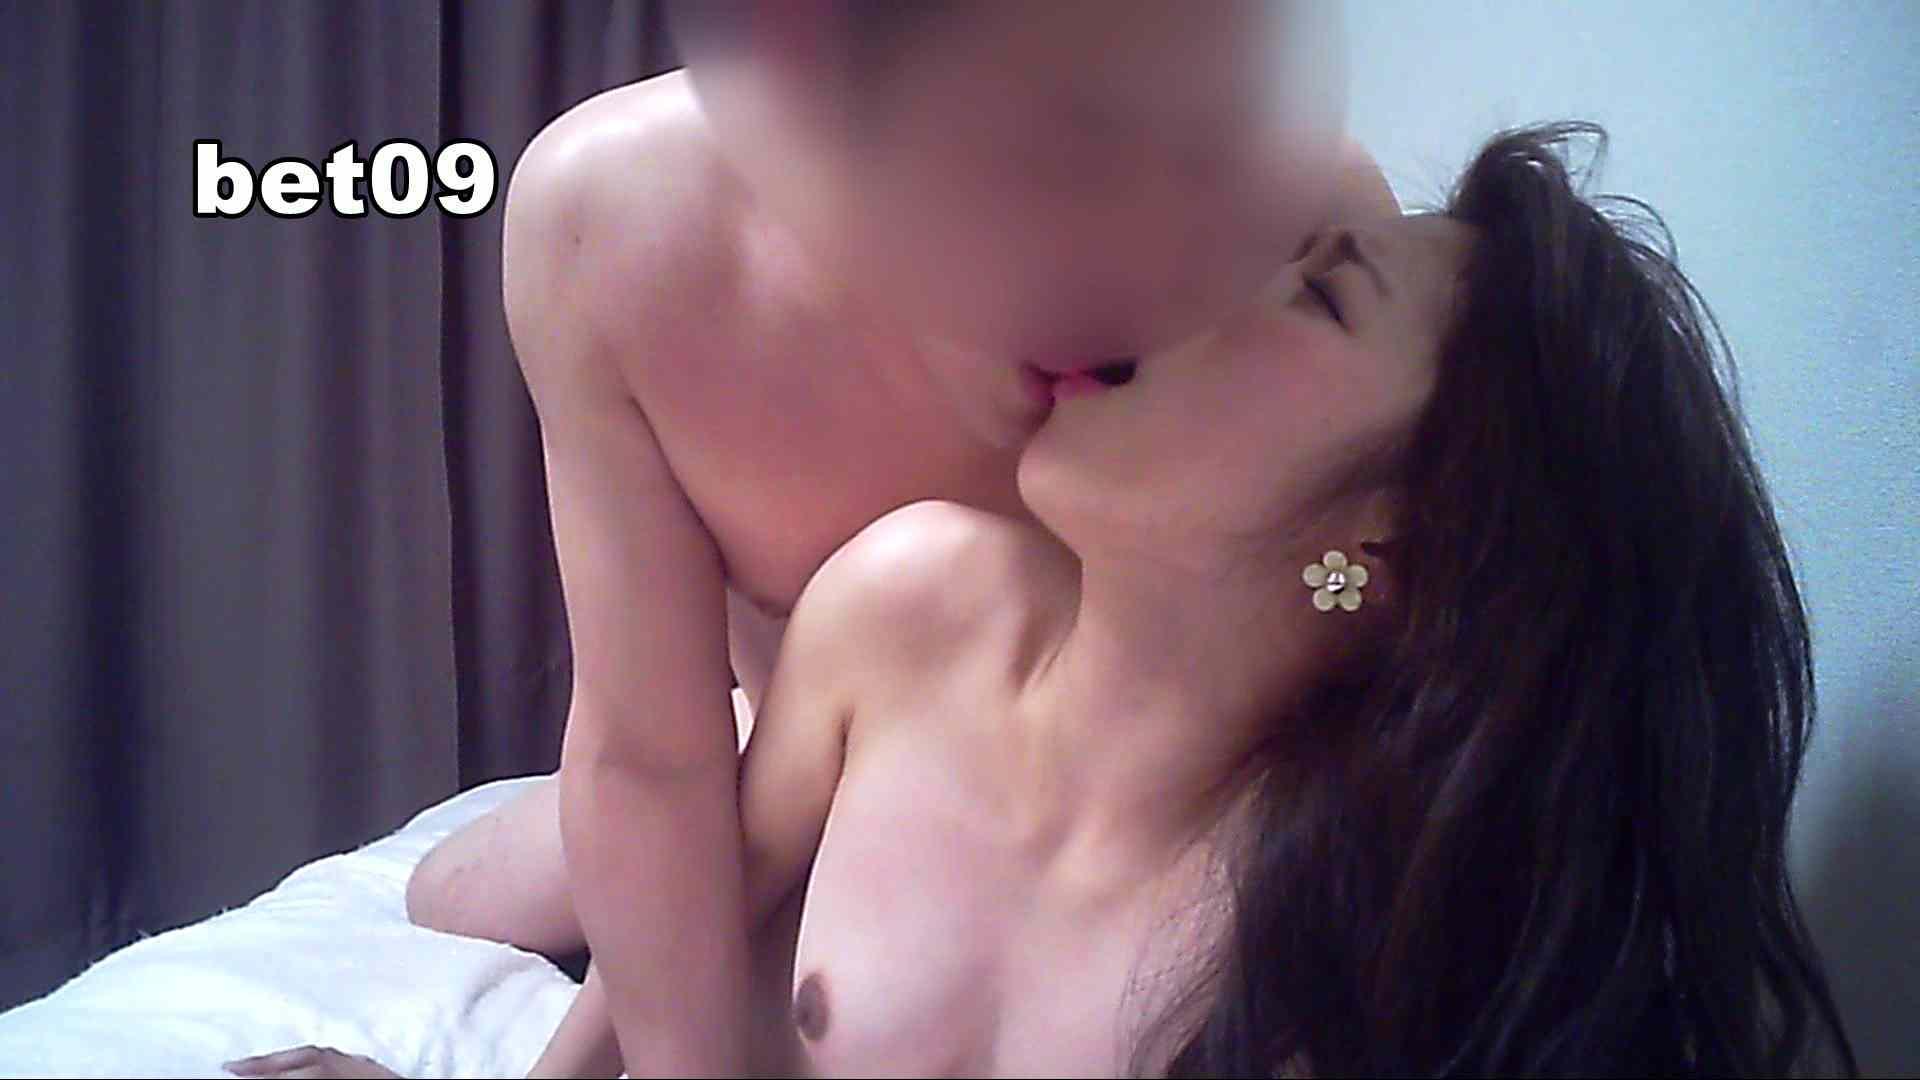 ミキ・大手旅行代理店勤務(24歳・仮名) vol.09 ミキの顔が紅潮してきます セックス AV無料動画キャプチャ 86枚 68